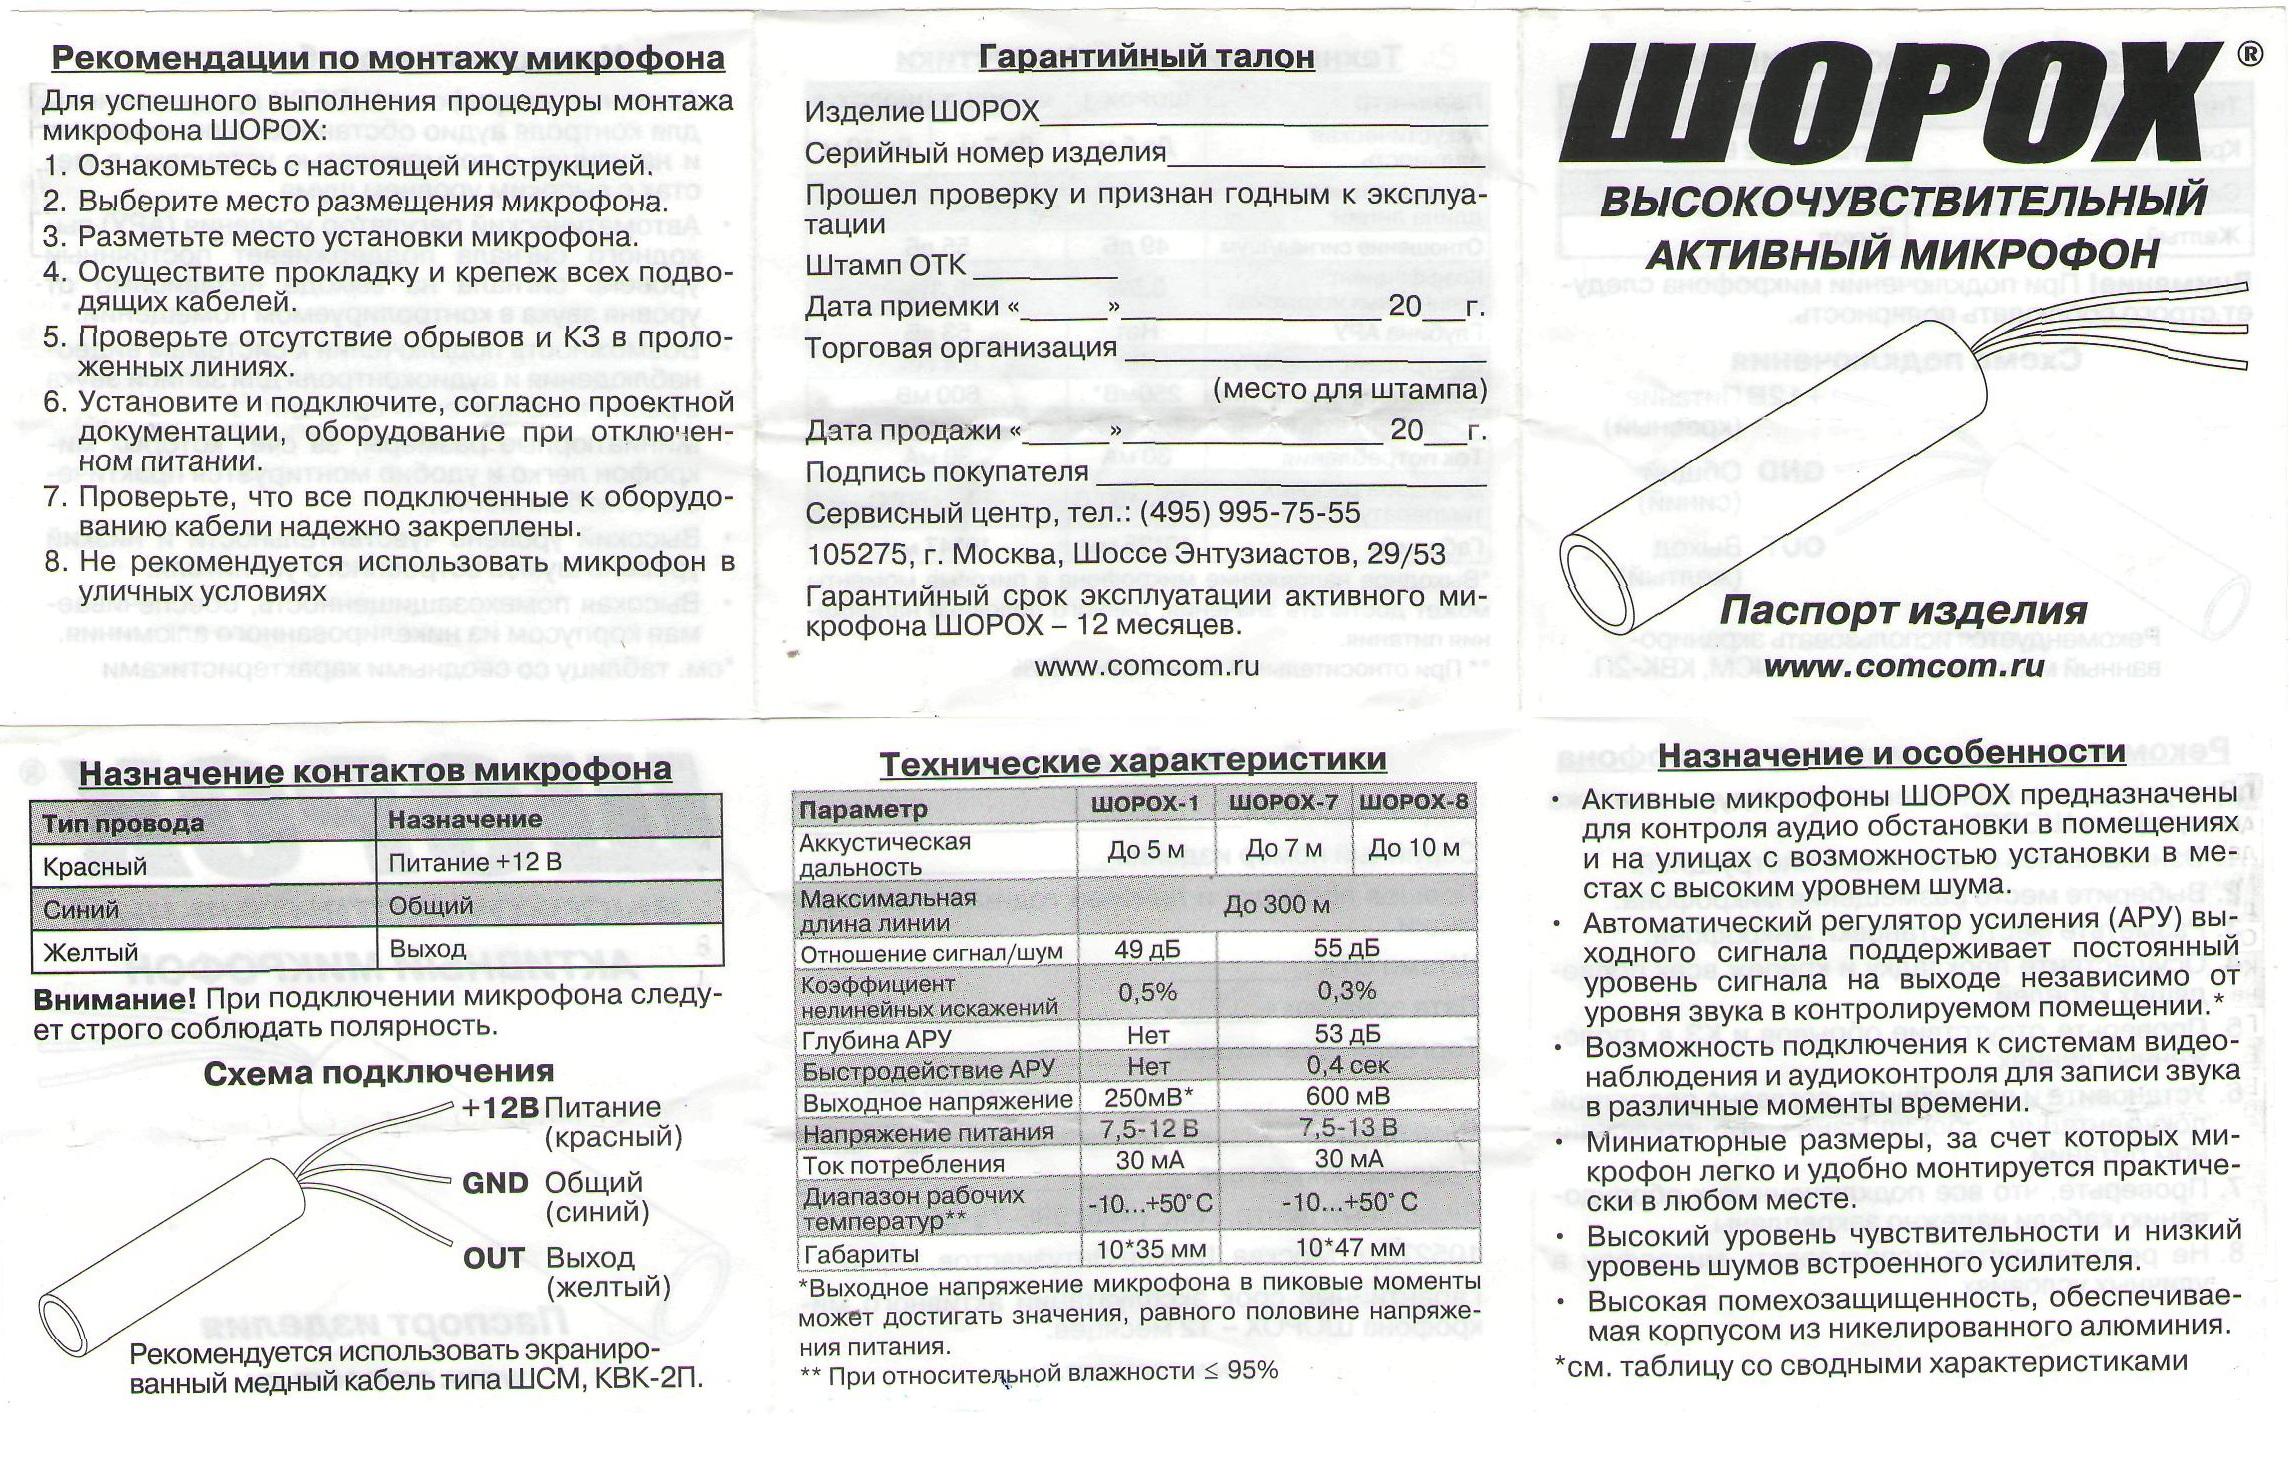 Шорох-7 Инструкция